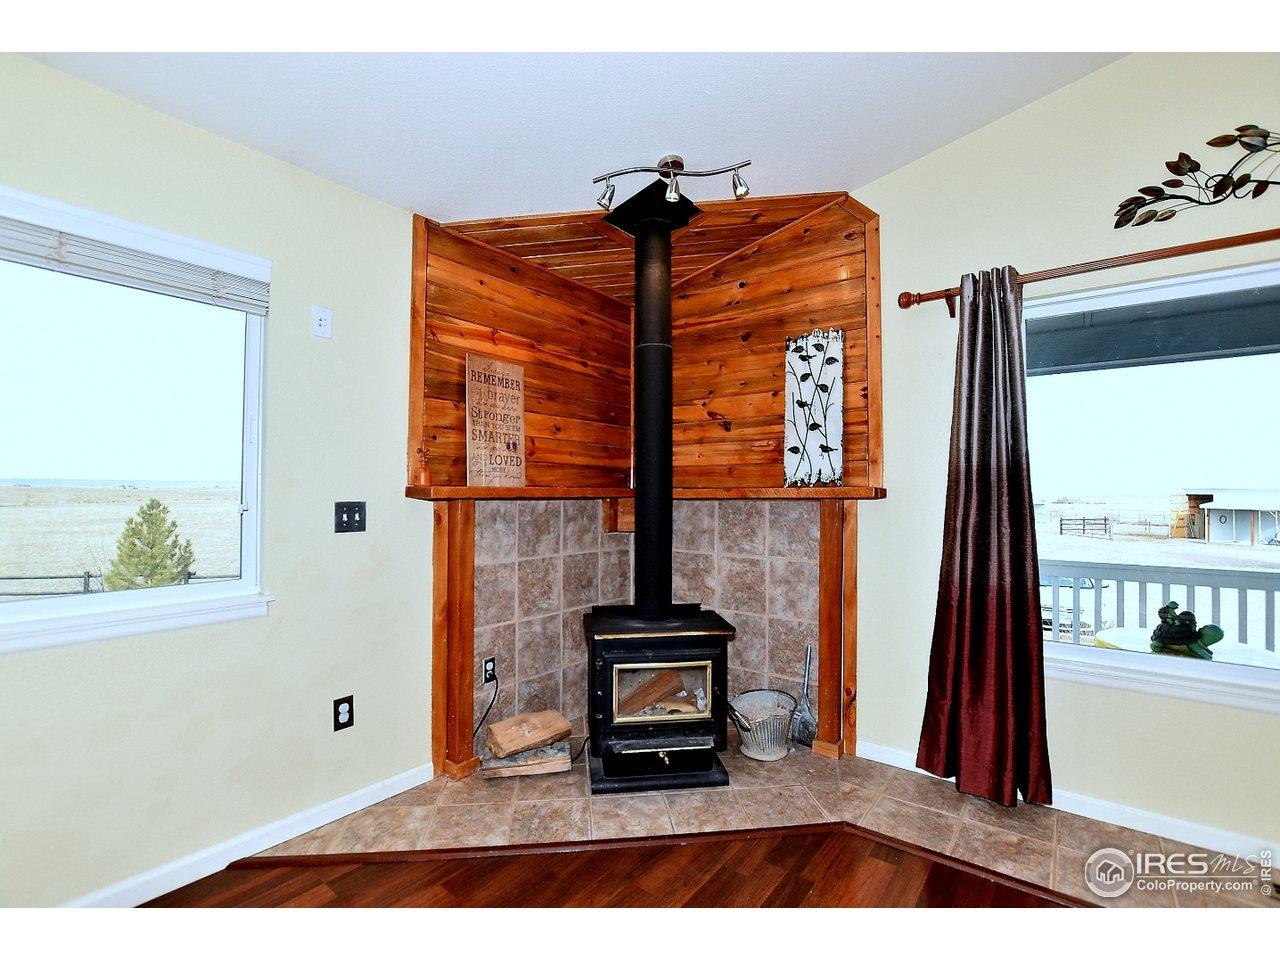 Amazing wood burning fireplace